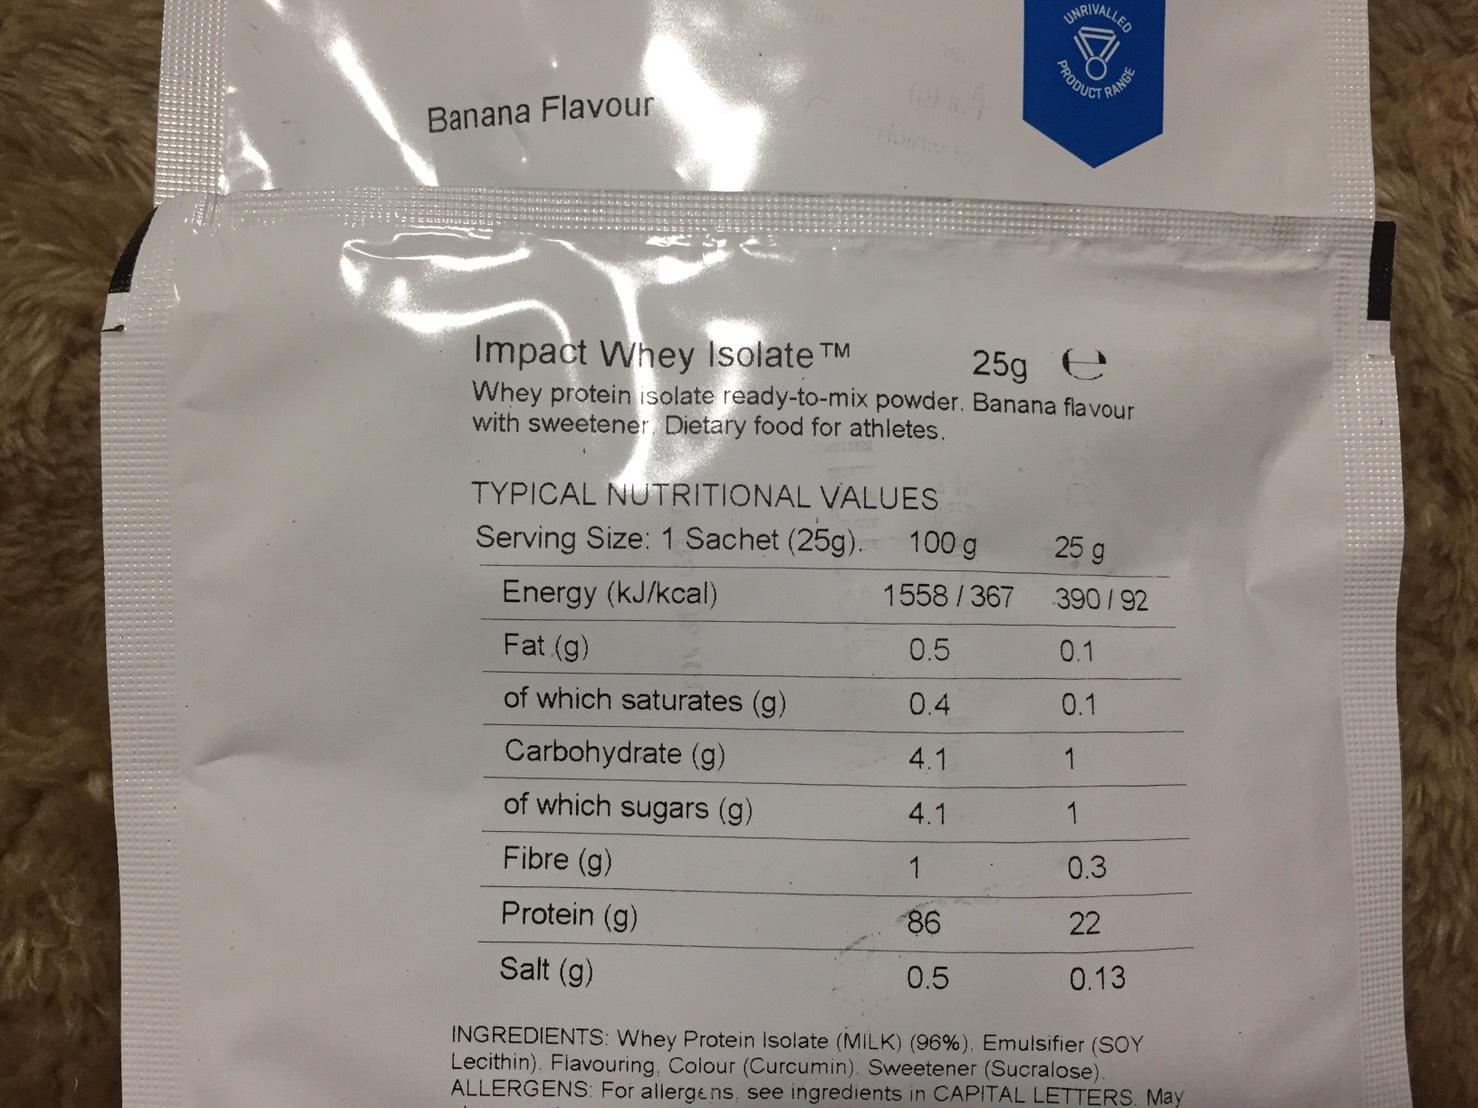 マイプロテインWPIバナナ味の成分表